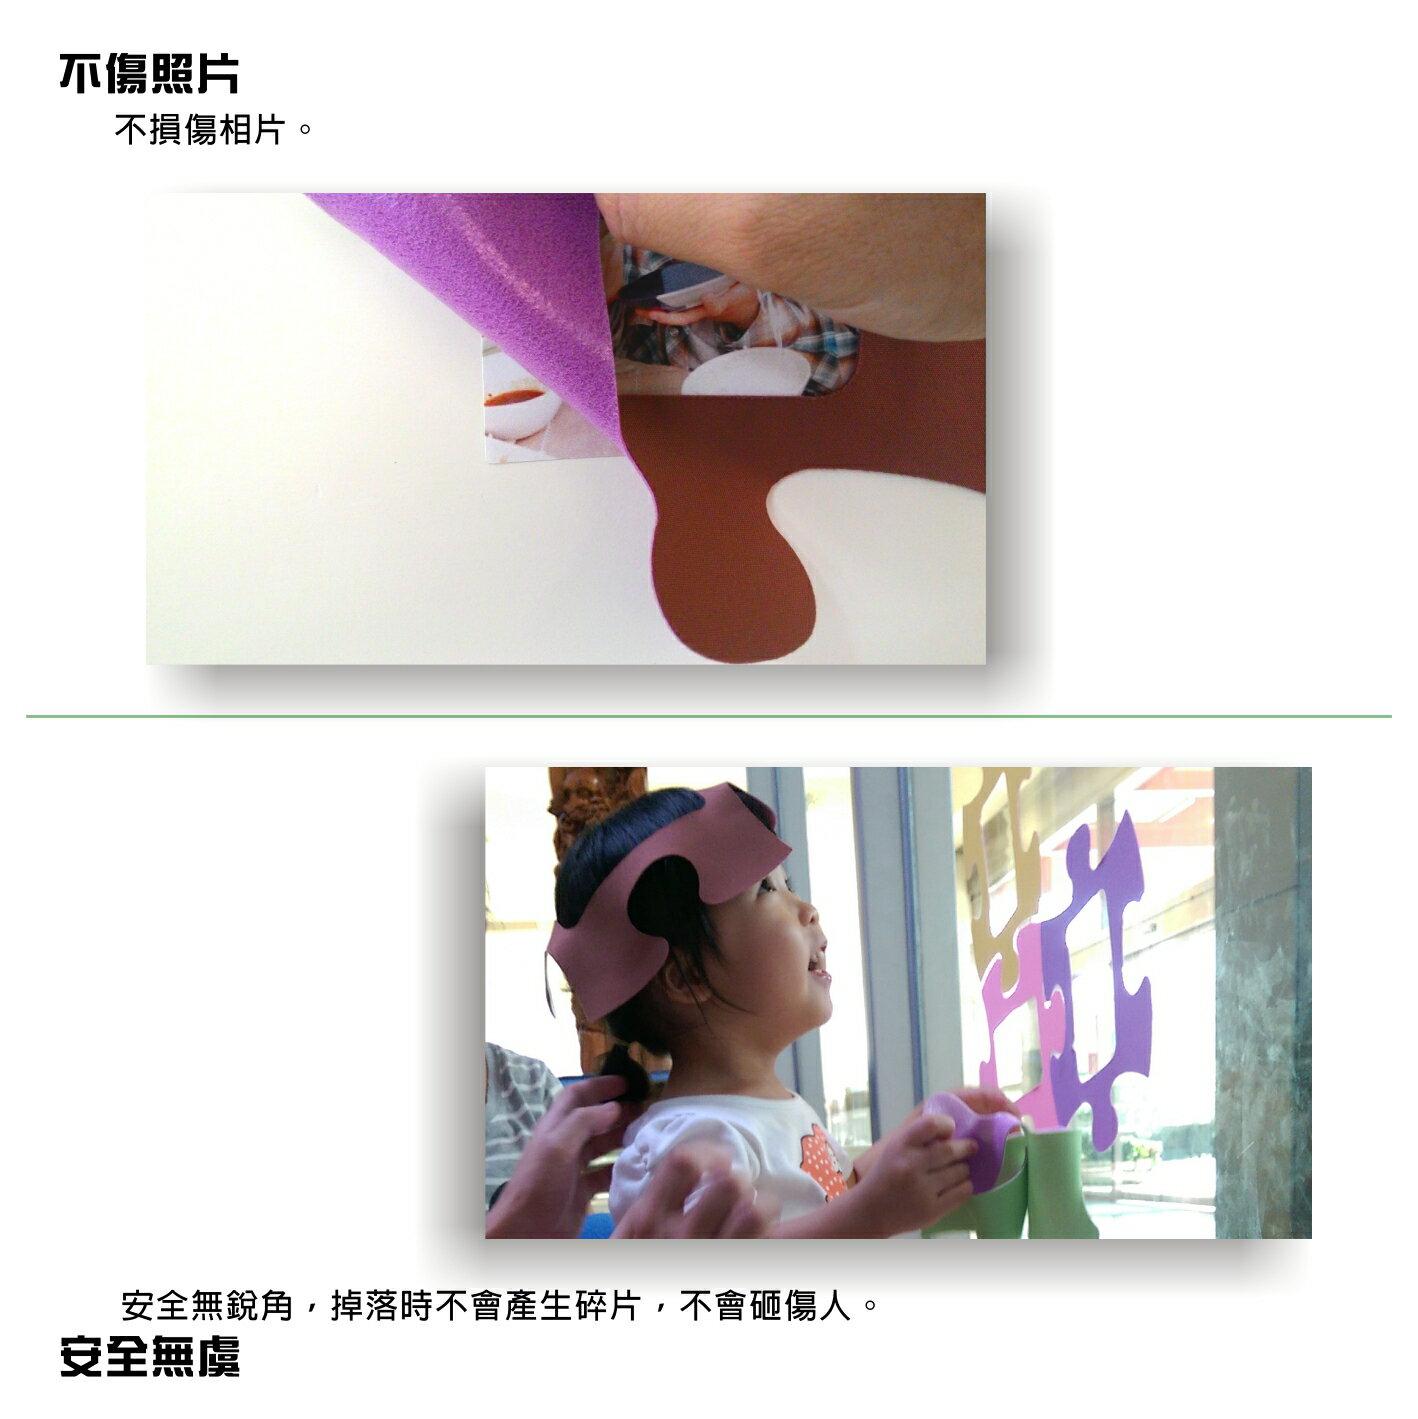 大威寶龍【隨興布相框】剪影系列 6片組/無痕自黏相框-布面裝飾壁貼不殘膠-照片牆 相片牆 重覆貼 4